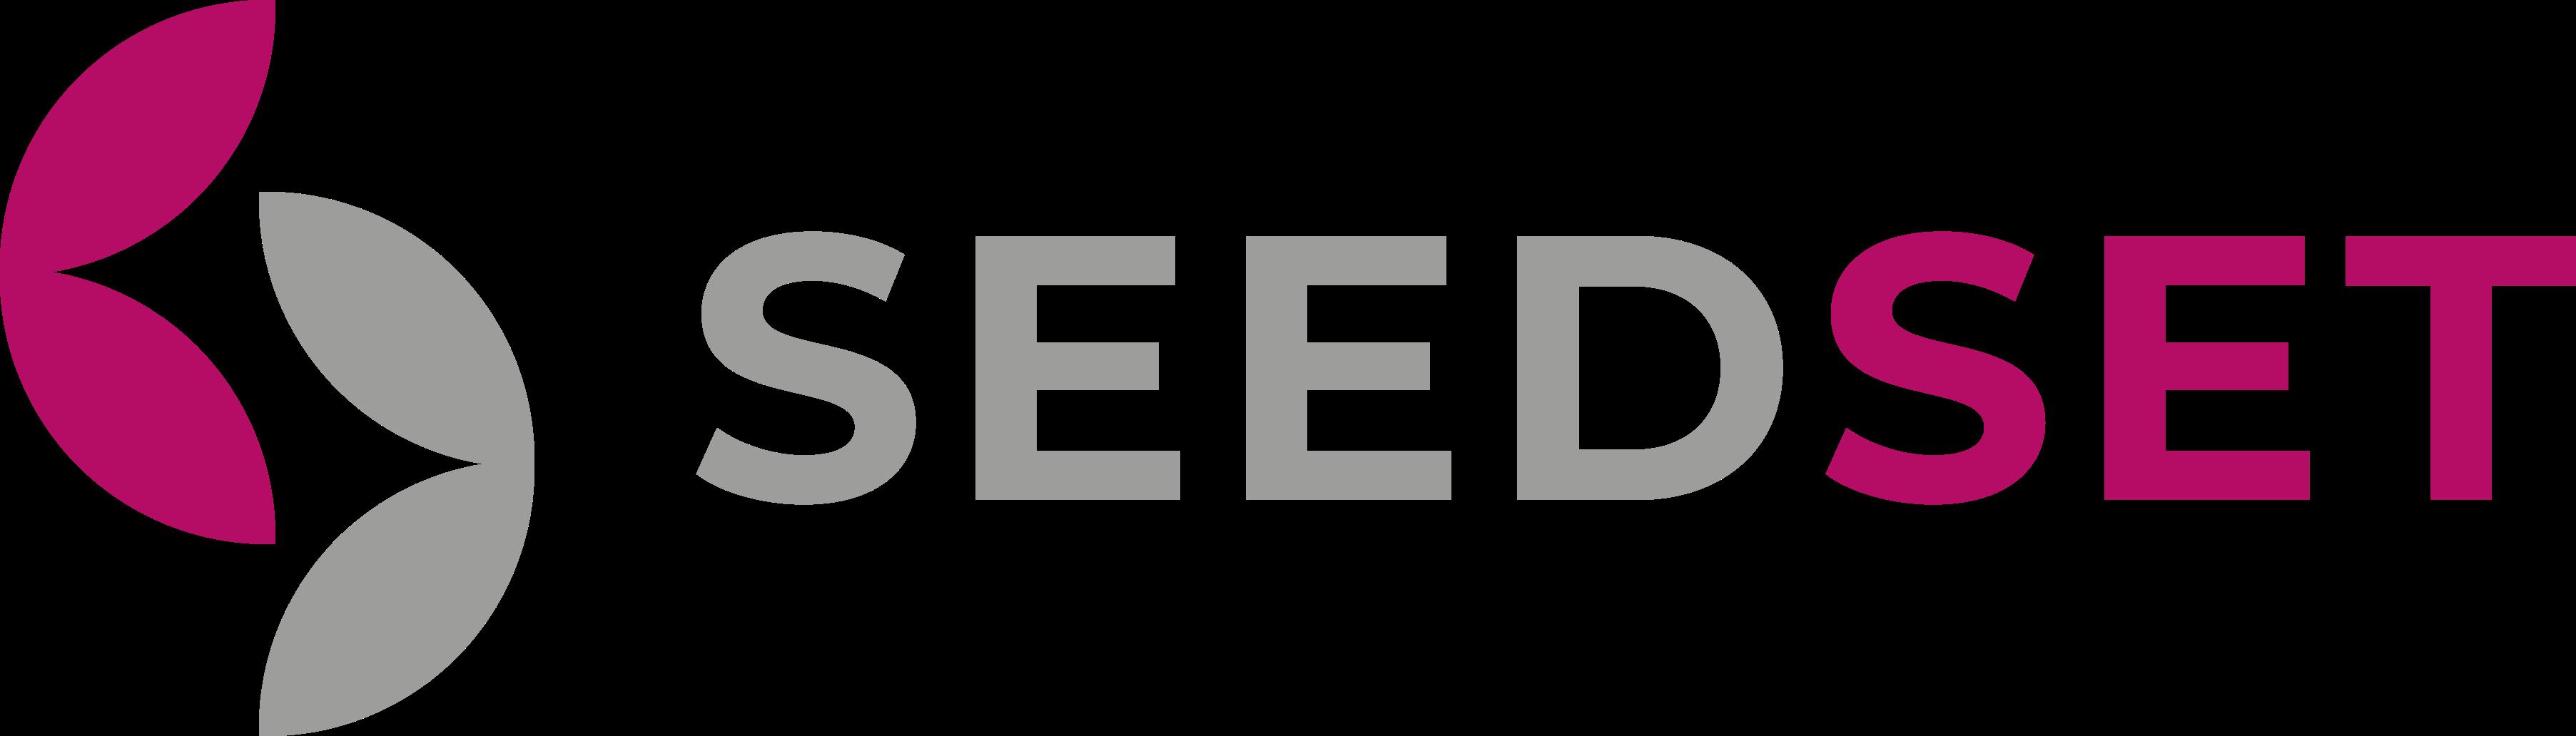 Seed Set